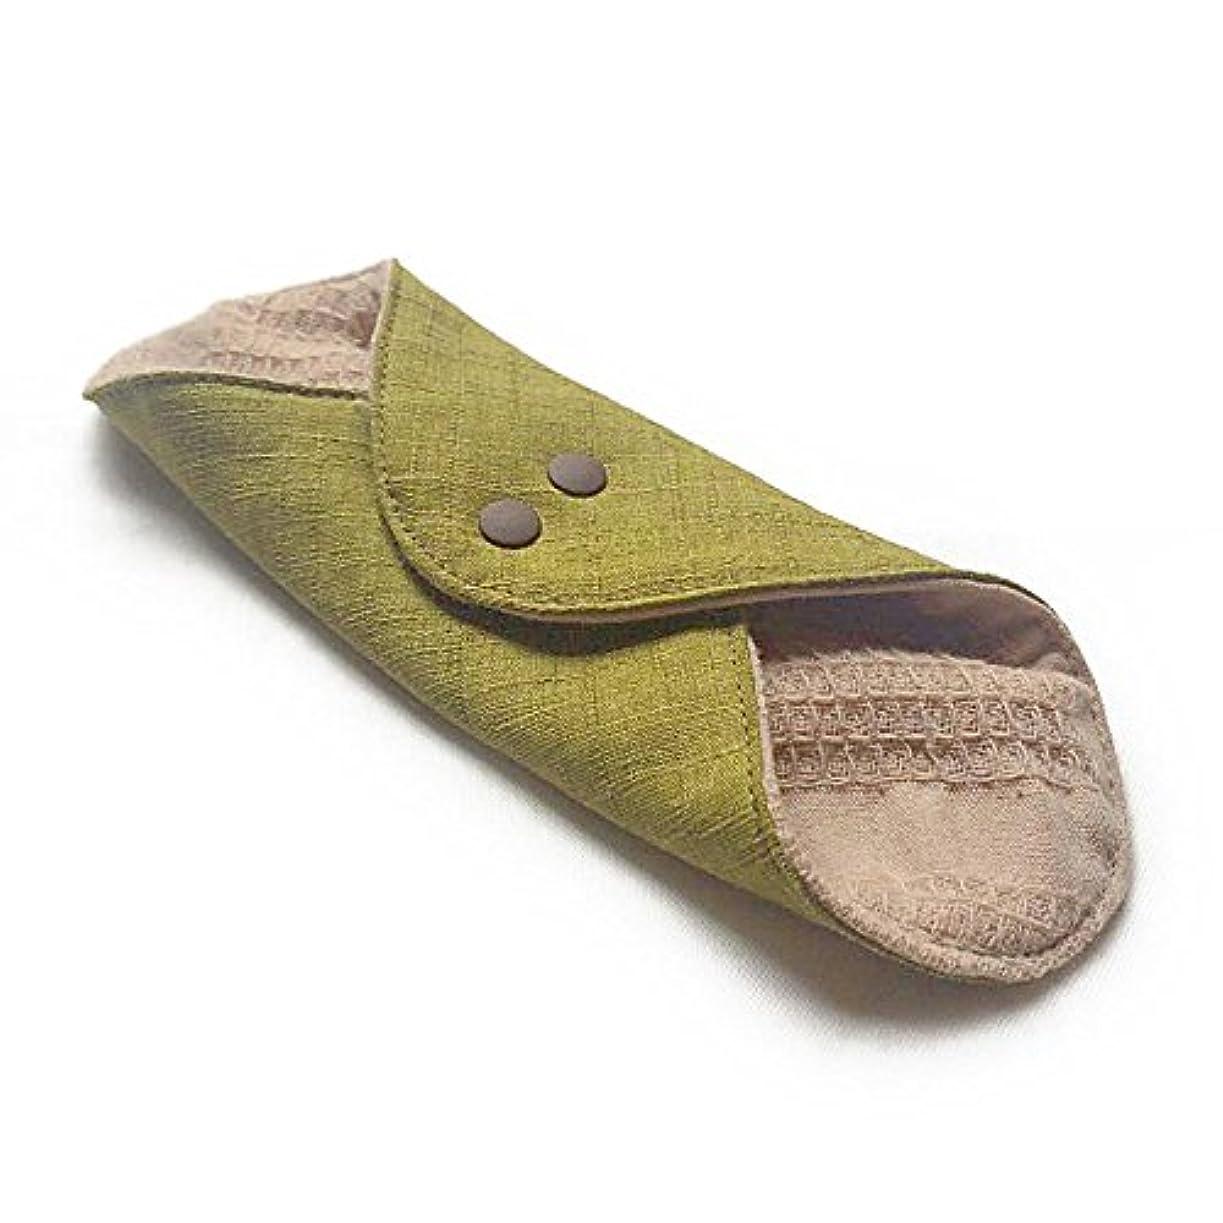 ガラス憲法権限華布のオーガニックコットンのあたため布 Mサイズ(約15×約15cm) 彩り(抹茶)